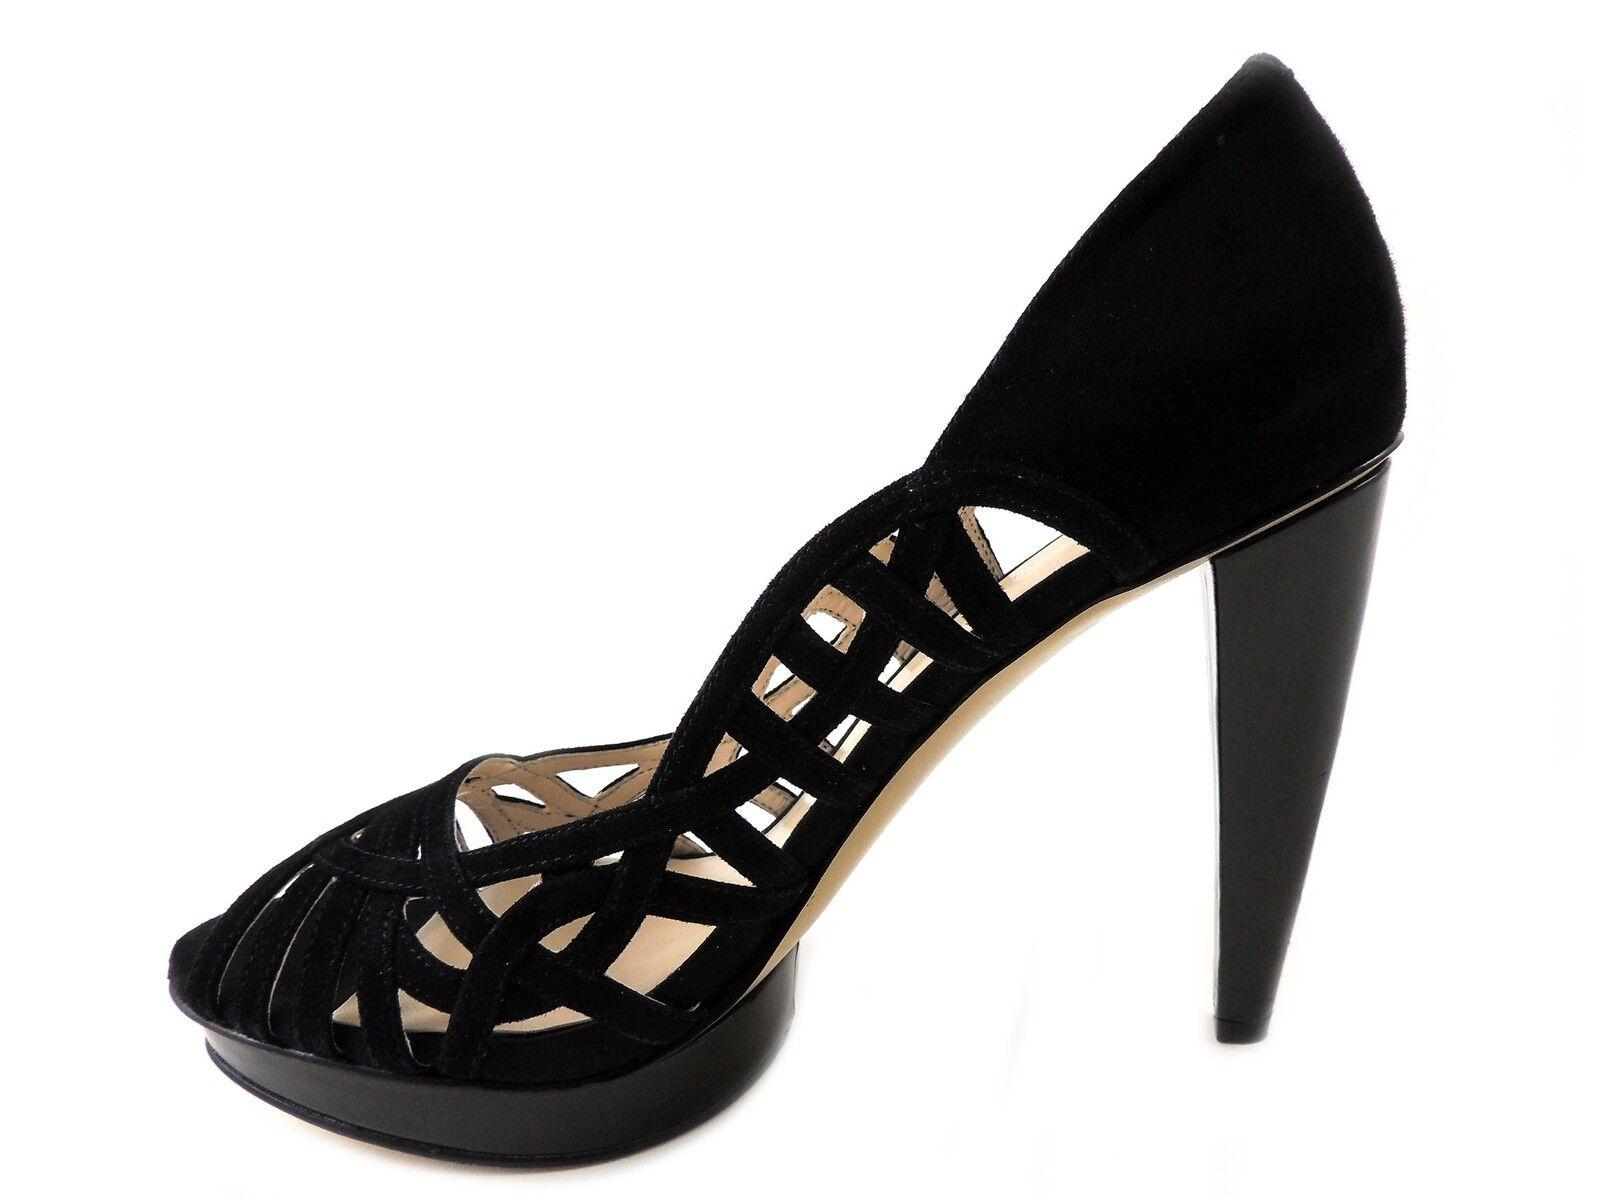 Nine West Women's Speedup Platform Pumps Black Suede Size 9.5 9.5 9.5 M b6b439